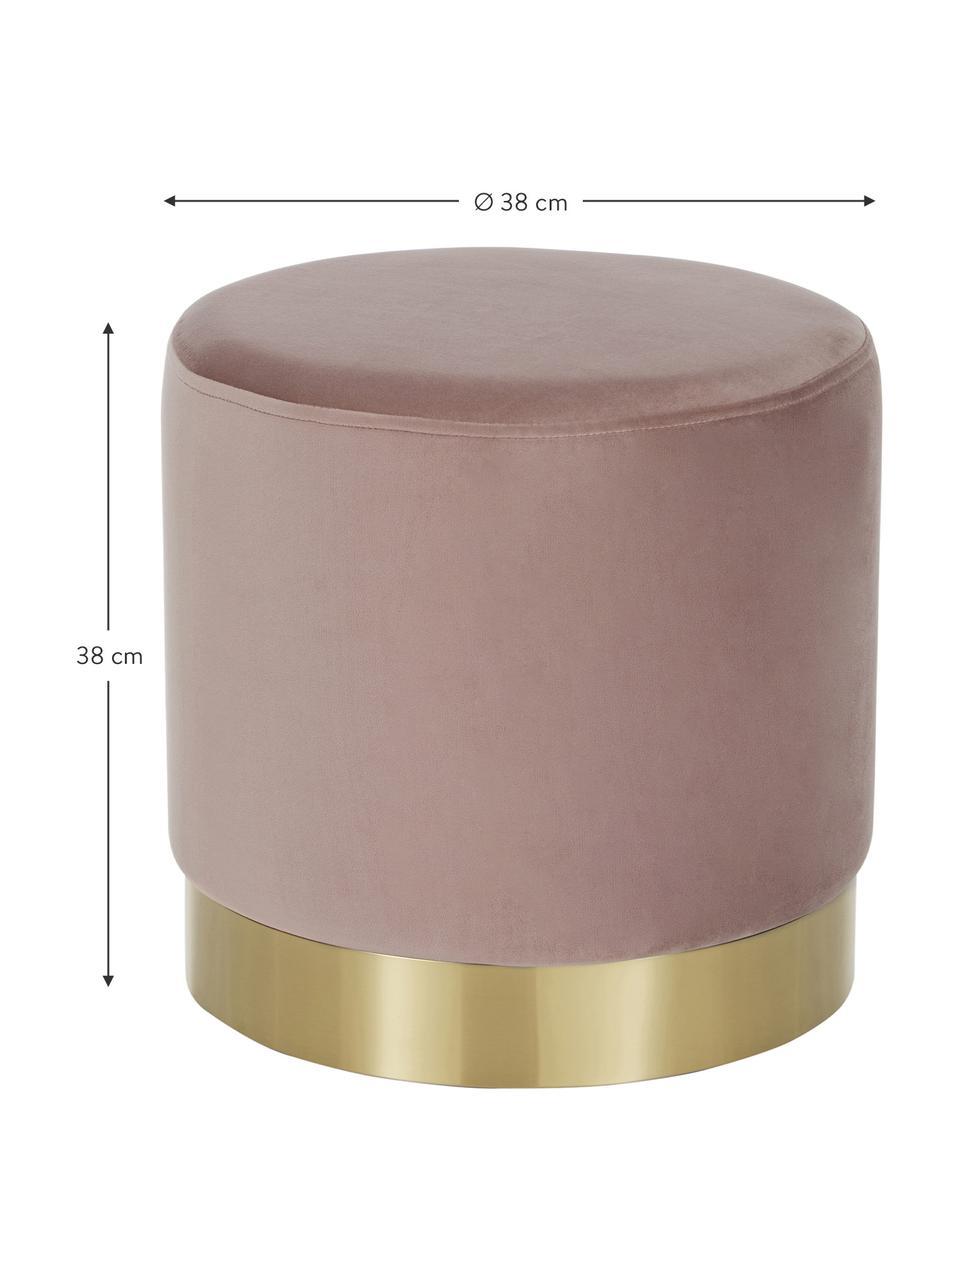 Tabouret velours Orchid, Revêtement: rose Socle: couleur dorée